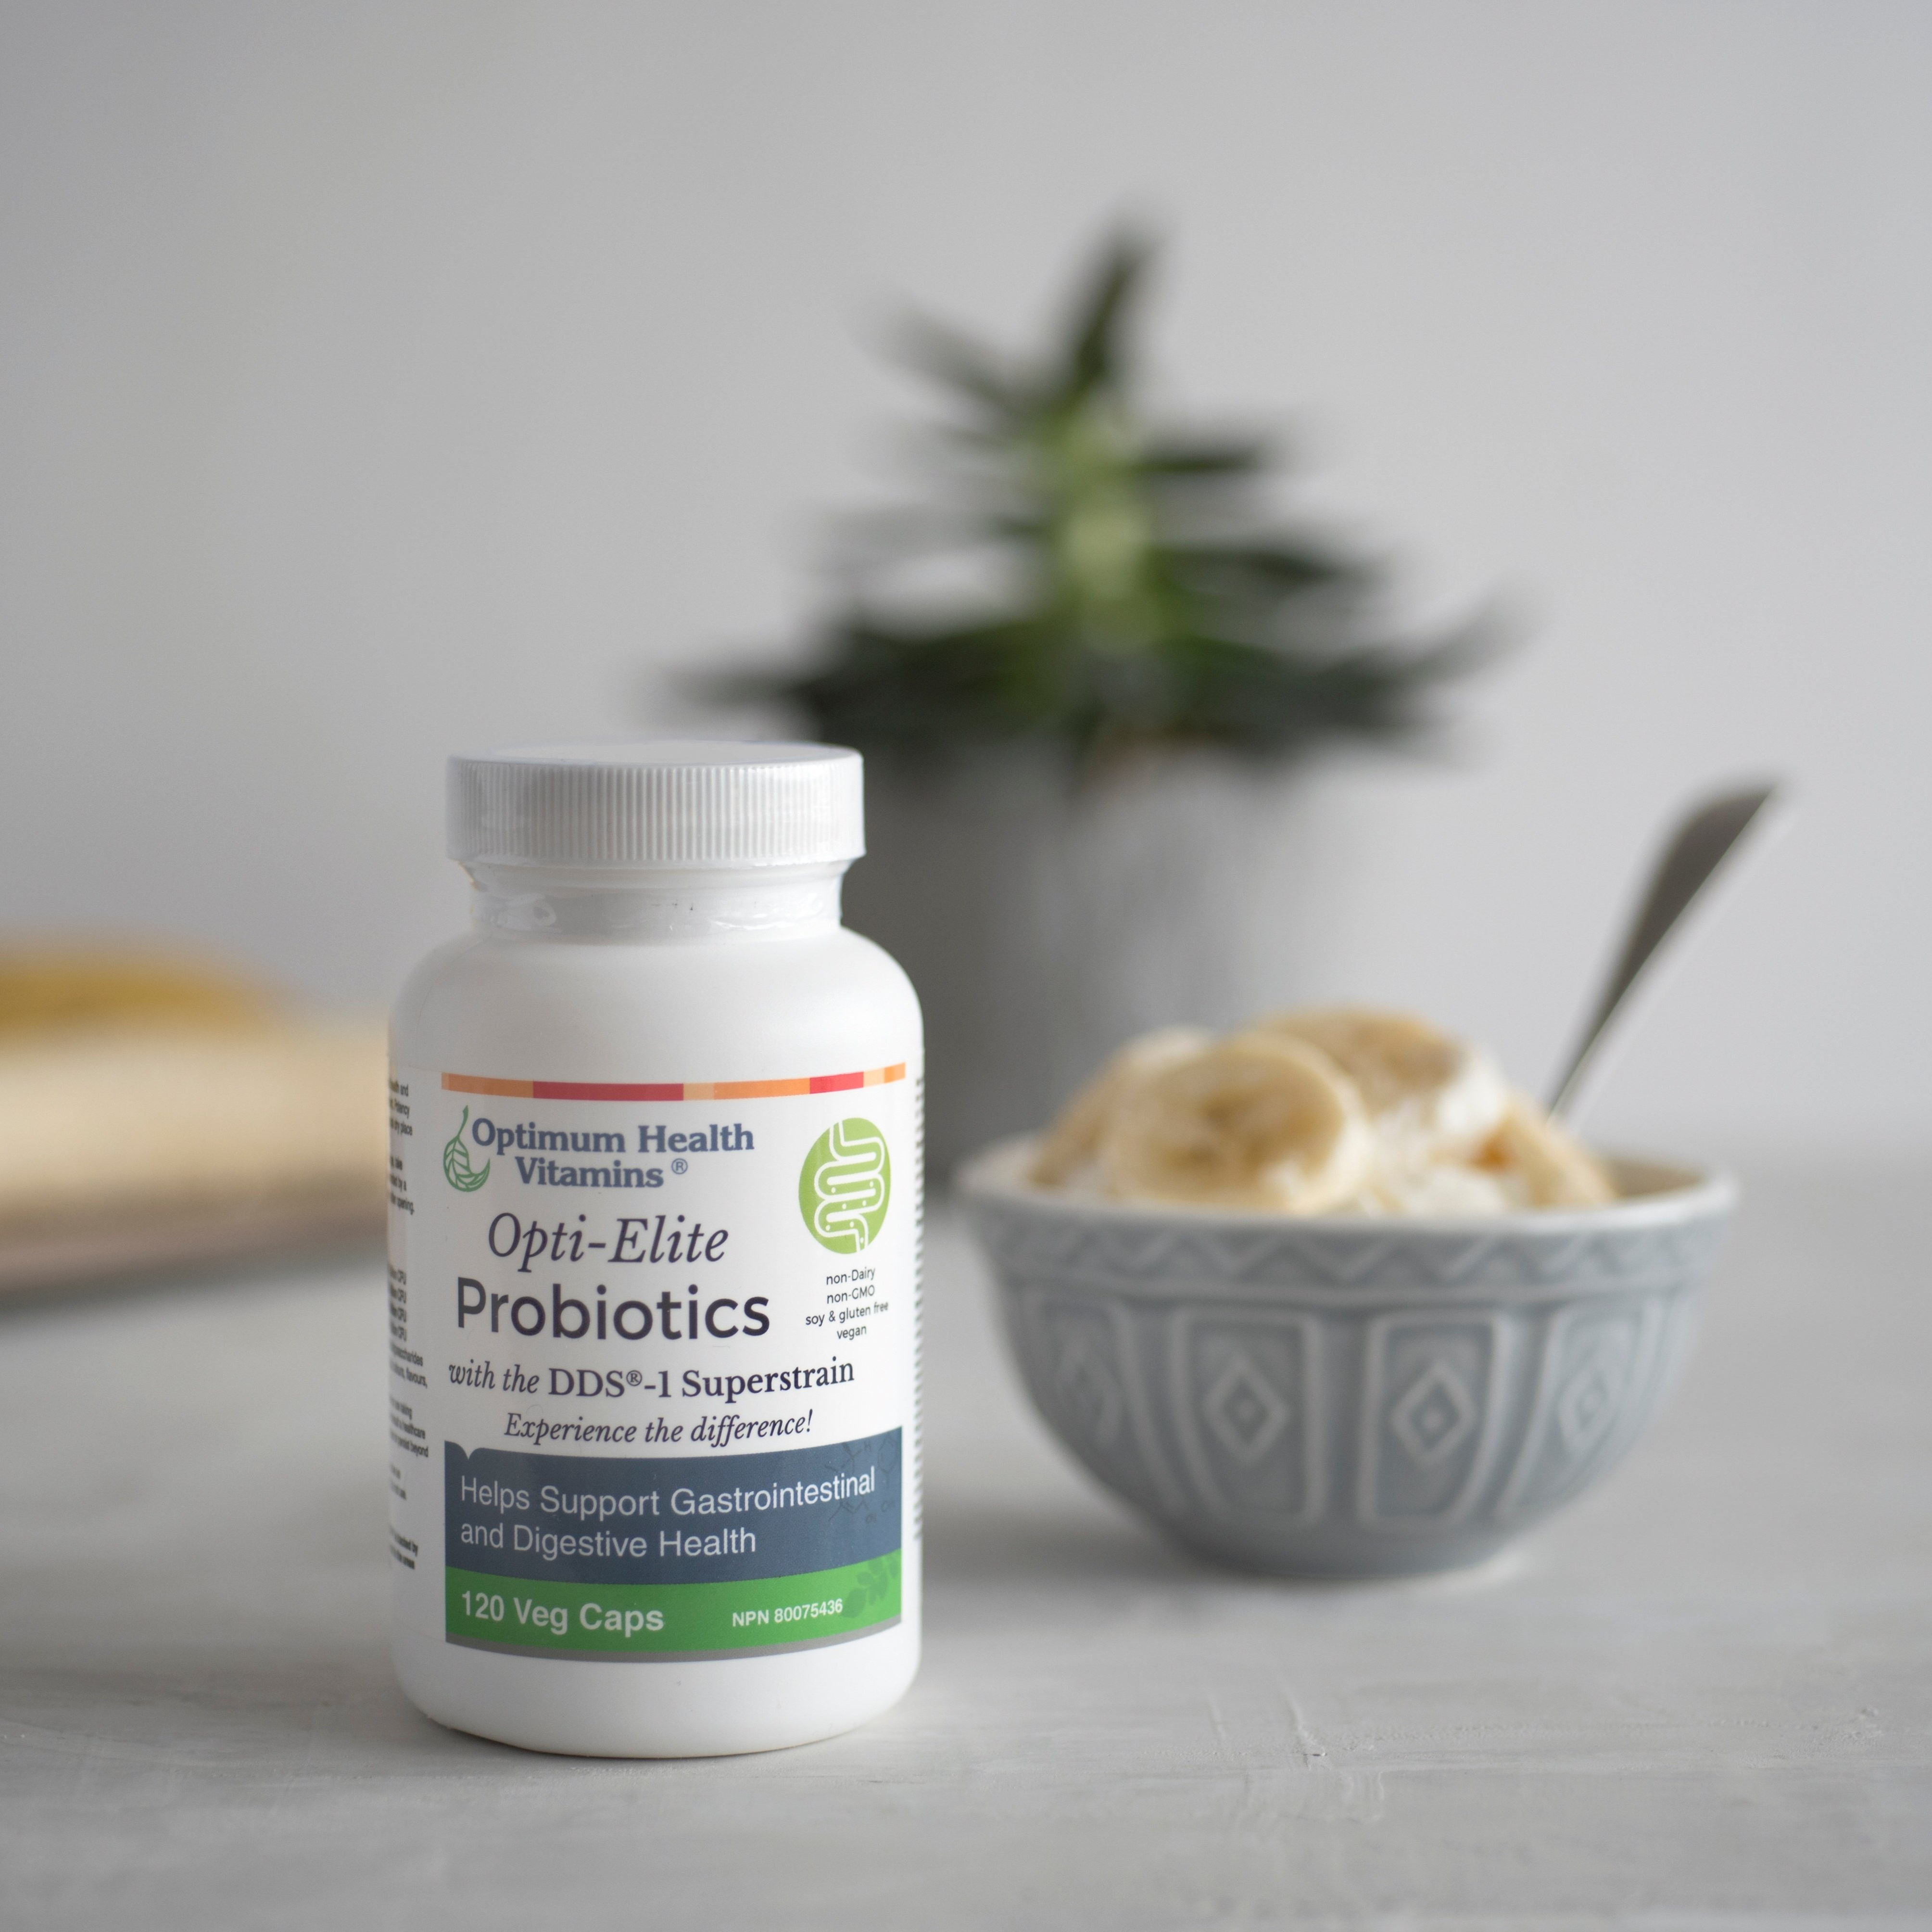 Opti Elite Probiotics-975435-edited